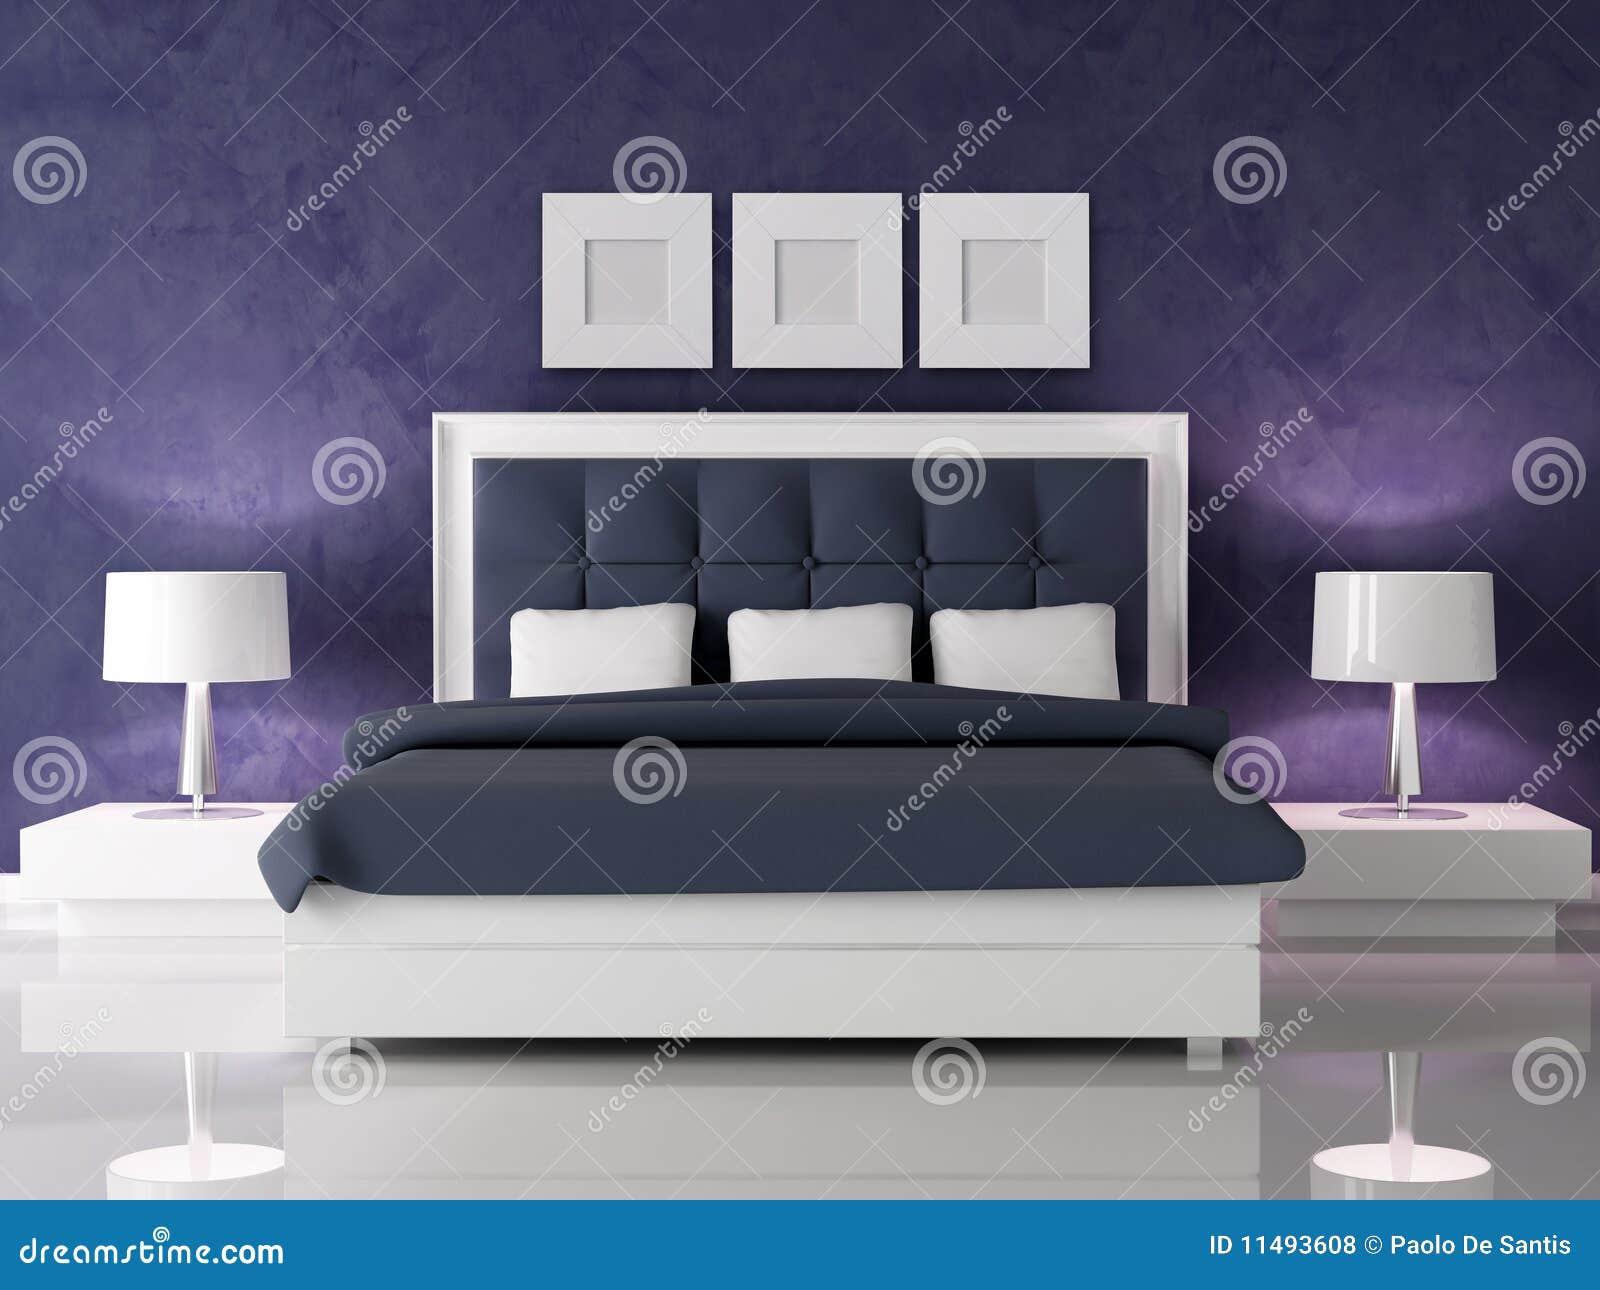 Mörk Purple För Sovrum Royaltyfria Foton - Bild: 11493608